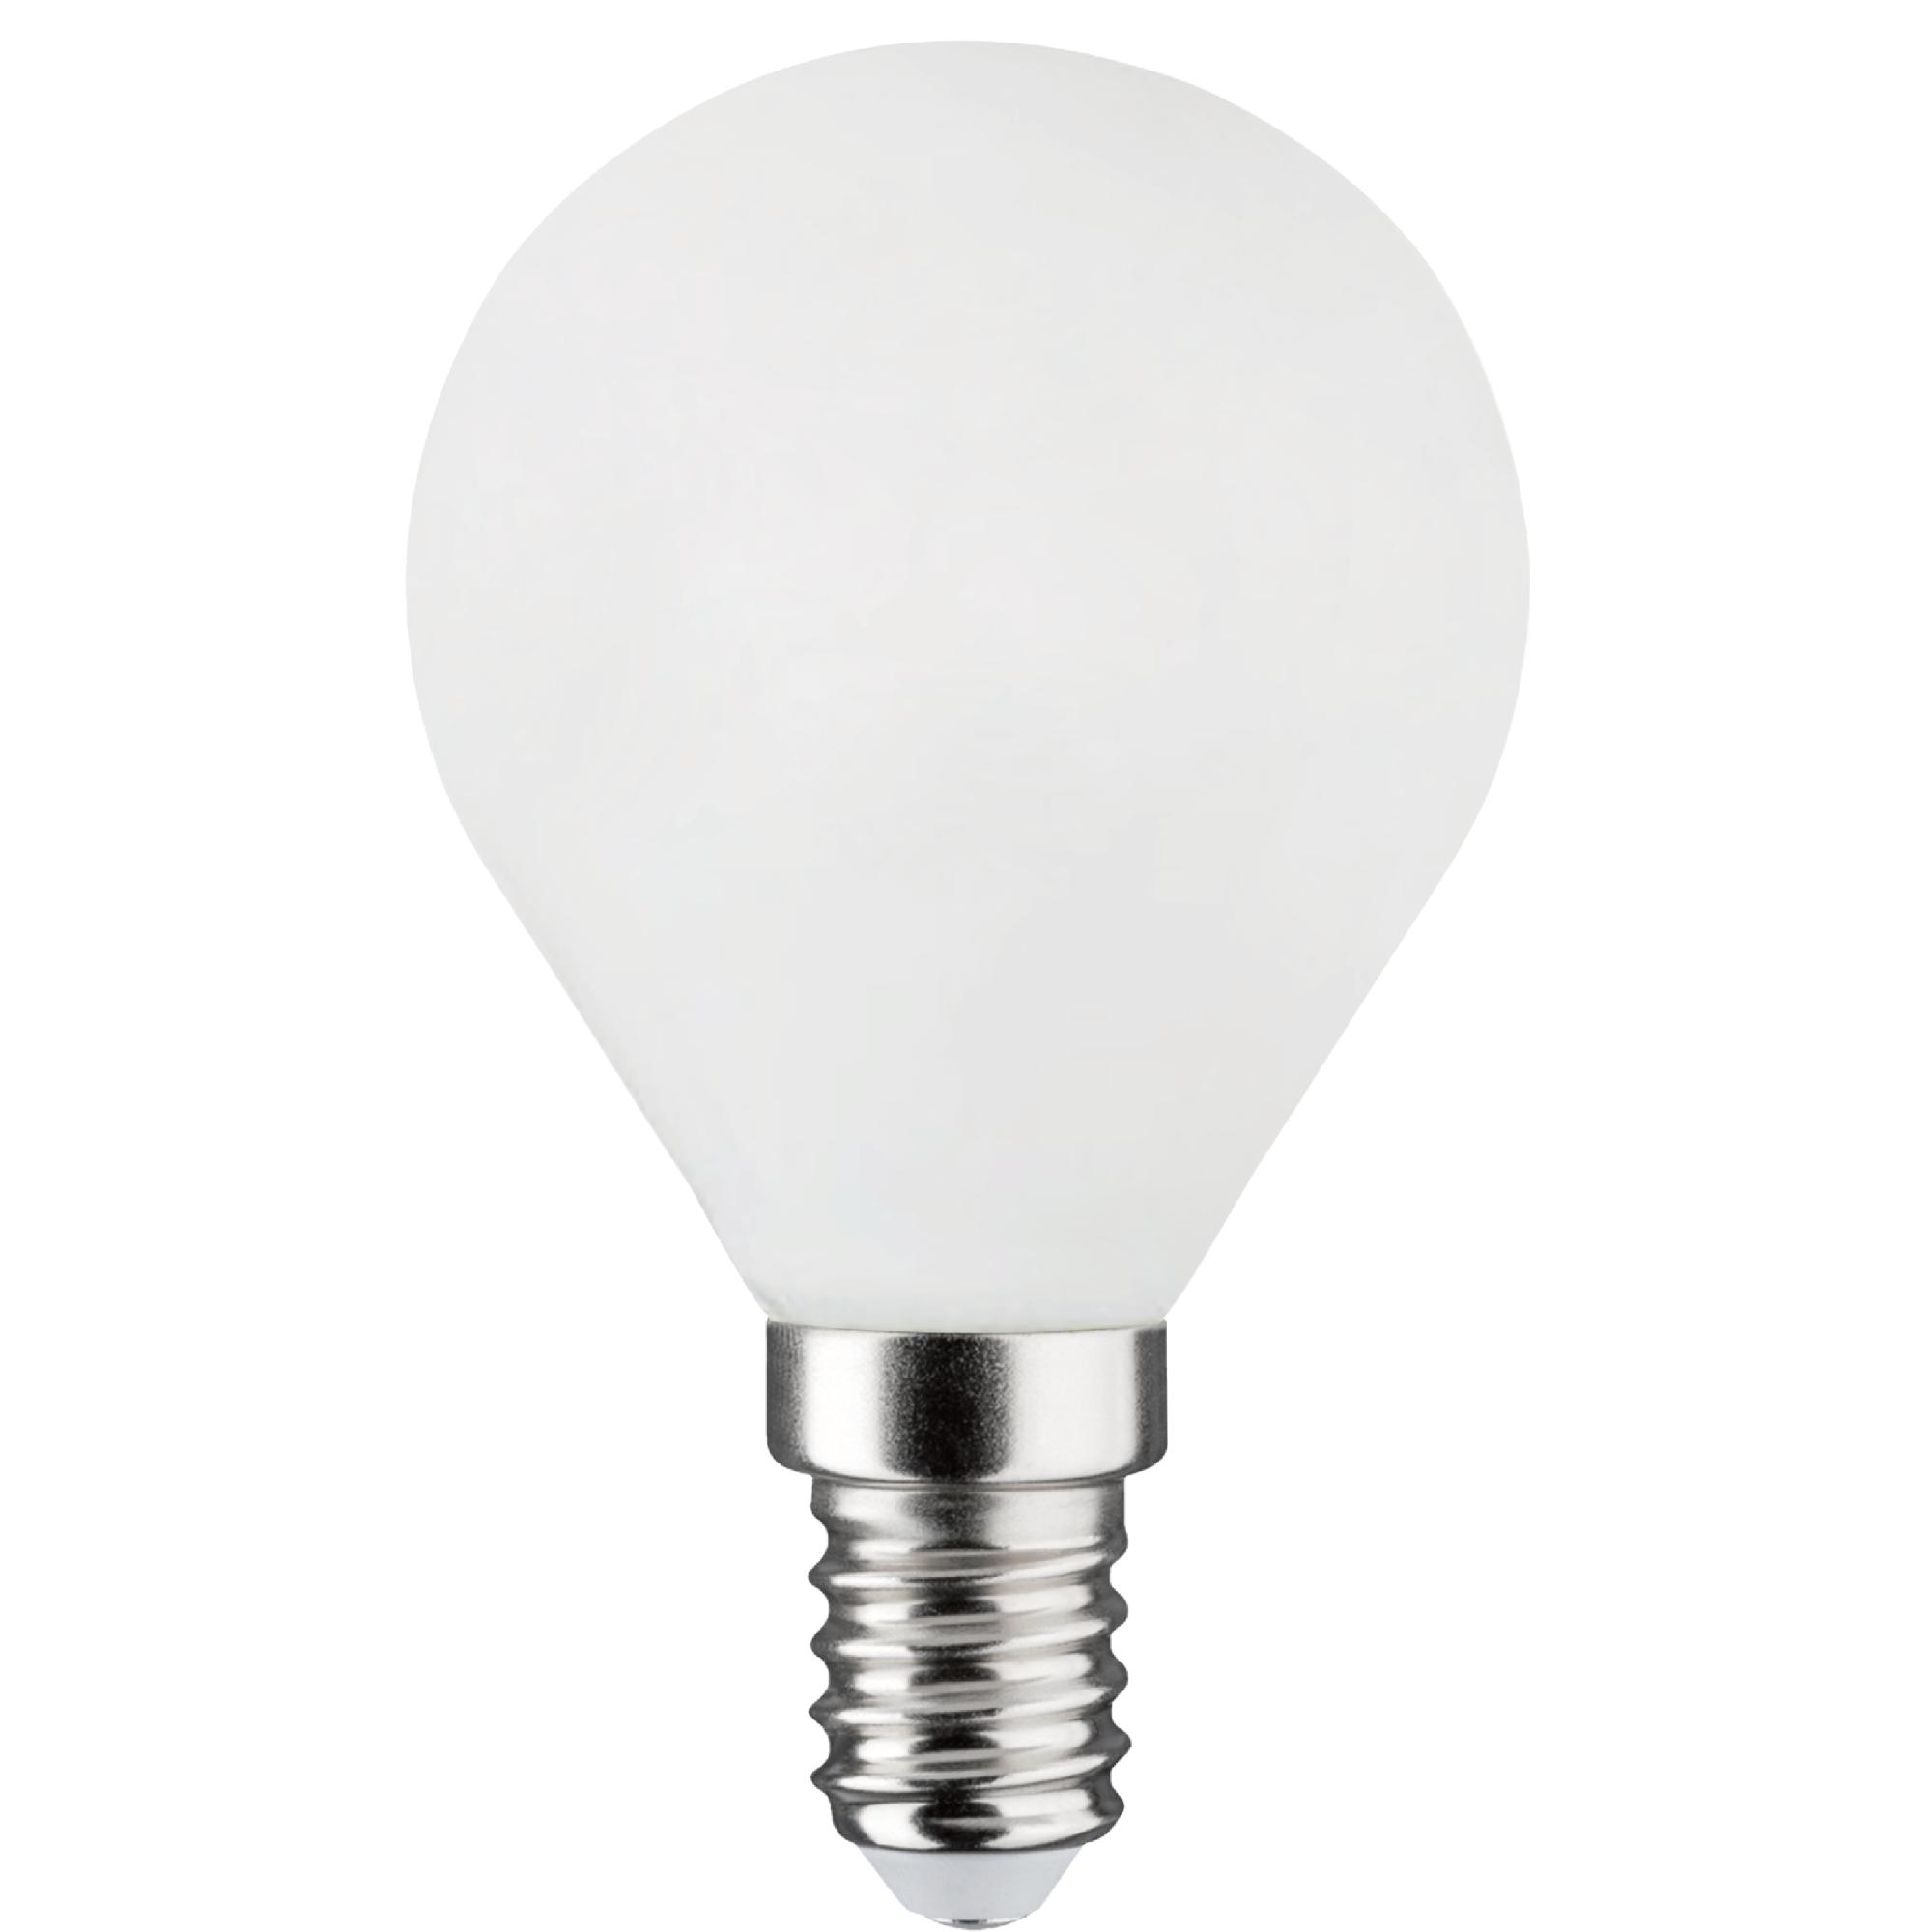 Лампа светодиодная филаментная Lexman E14 220 В 4.5 Вт сфера матовая 470 лм тёплый белый свет